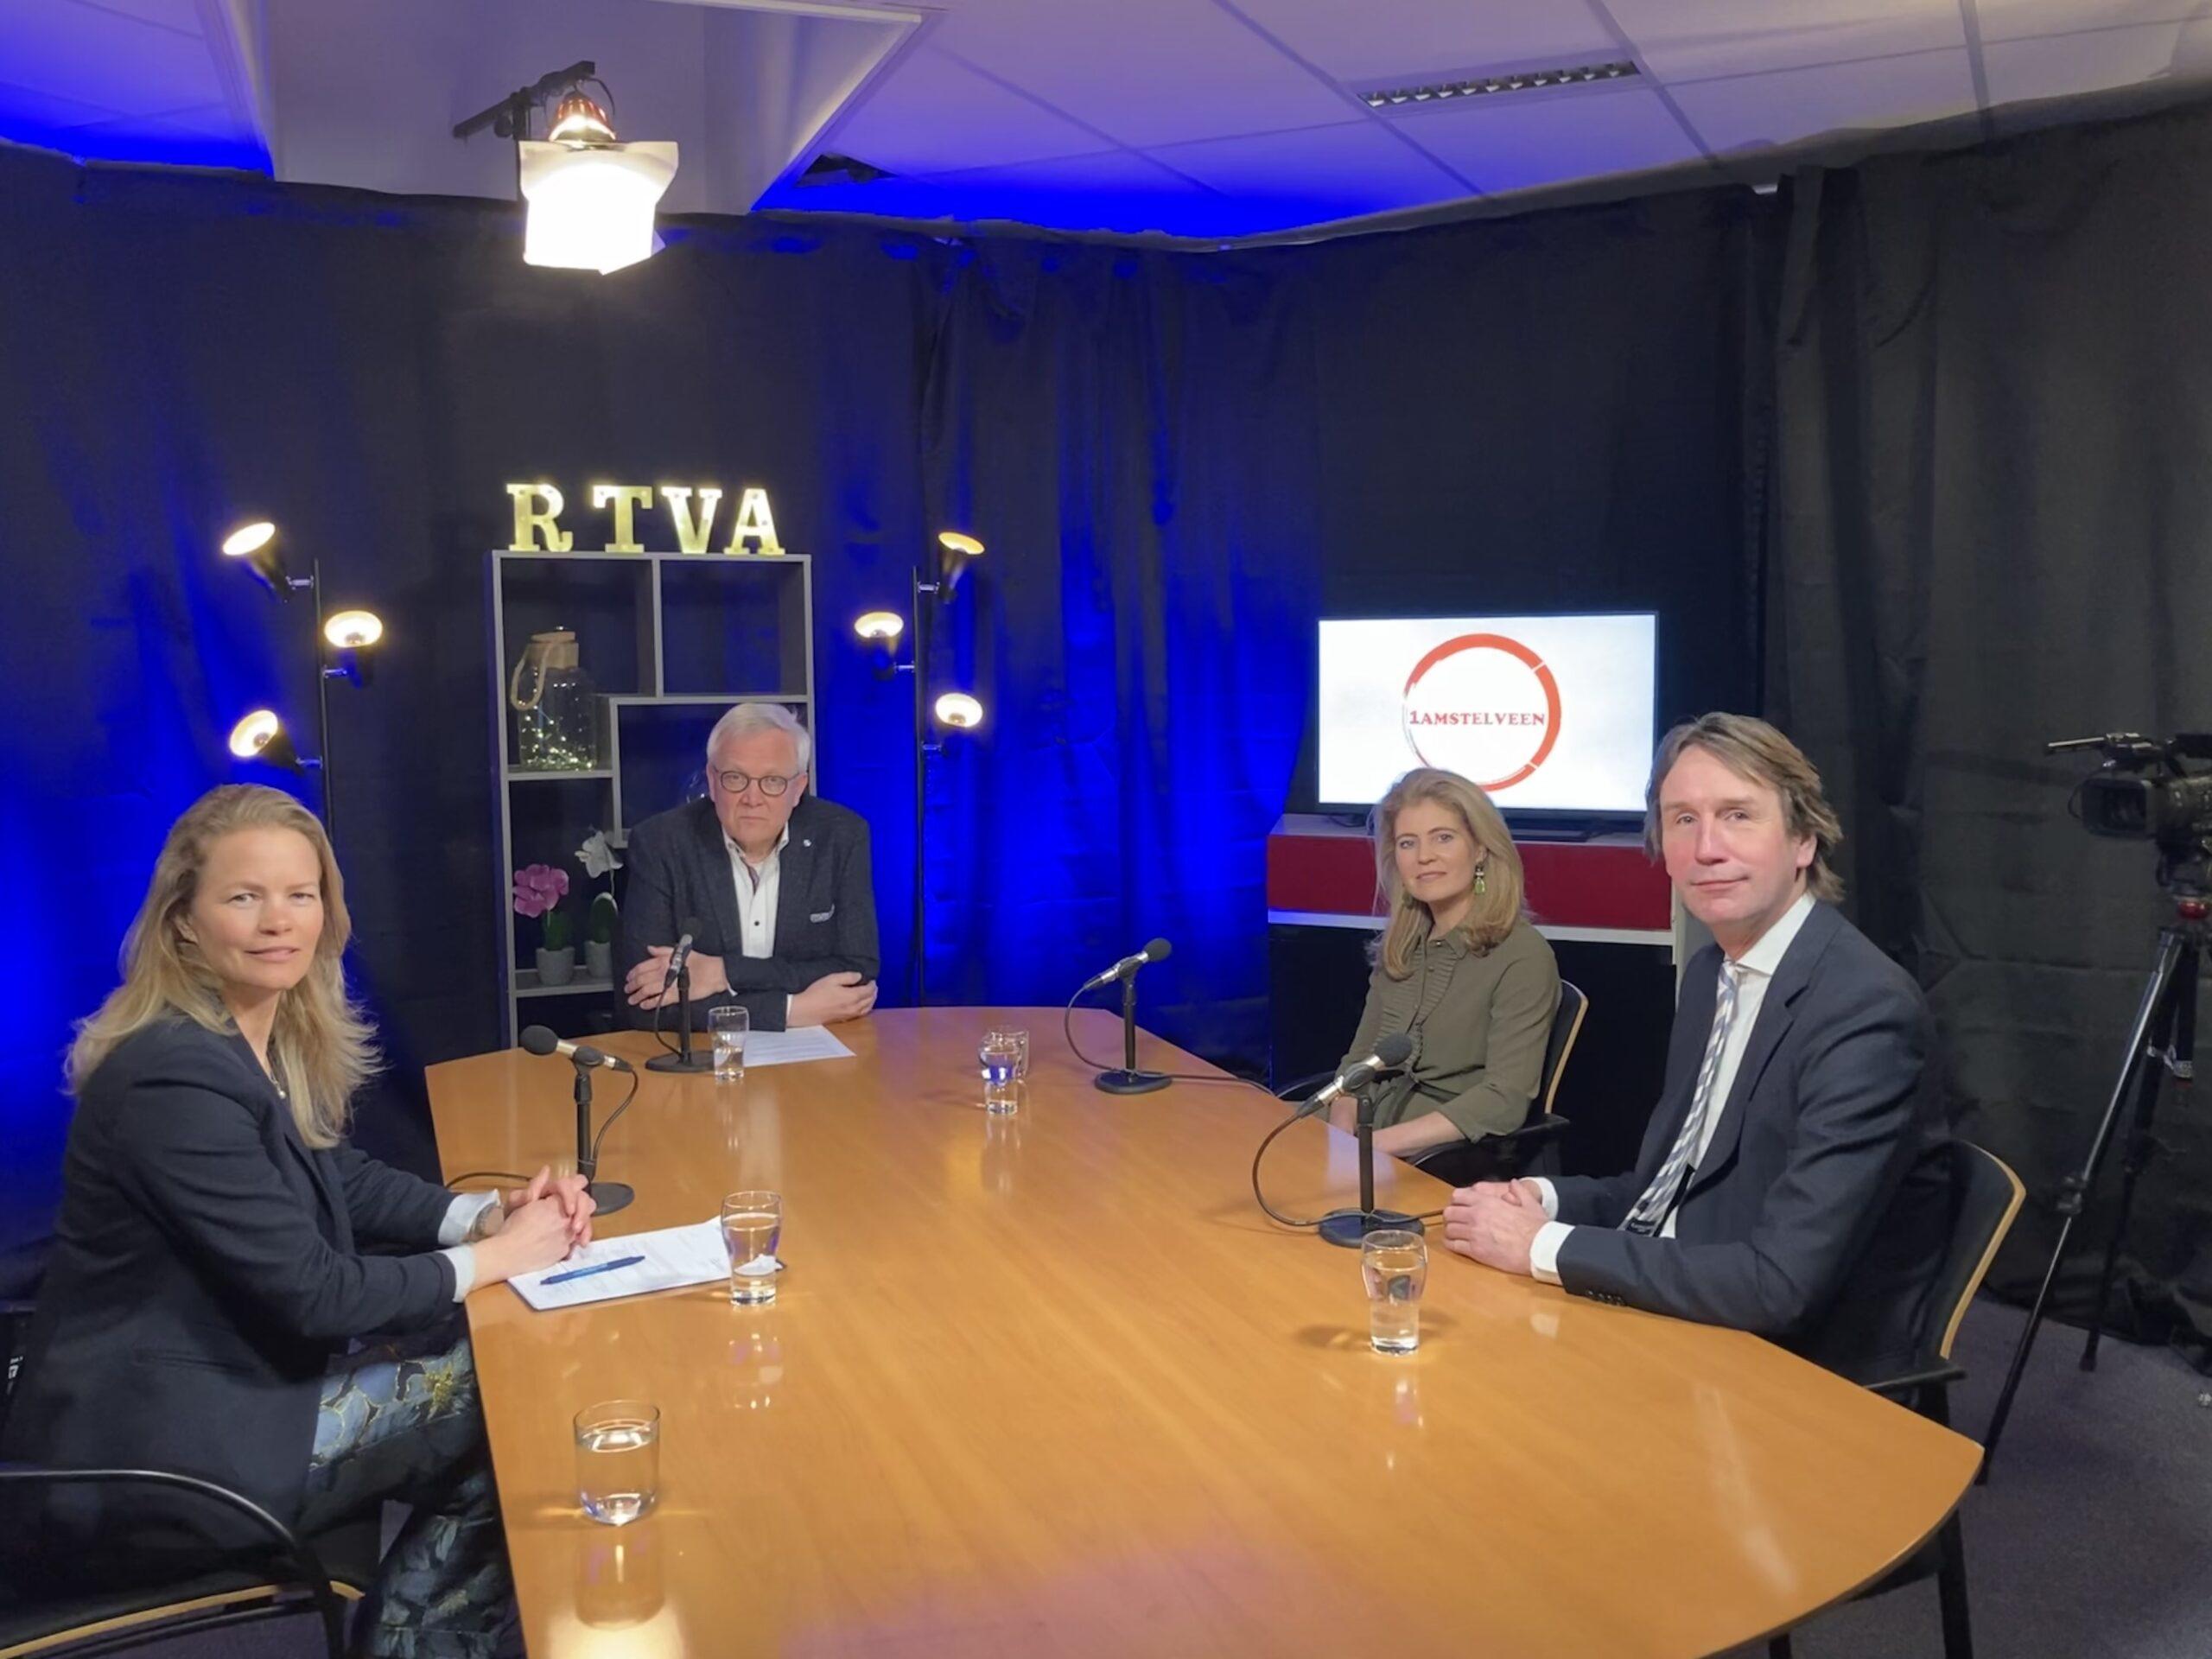 1Amstelveen - De toekomst van Schiphol - RTVA